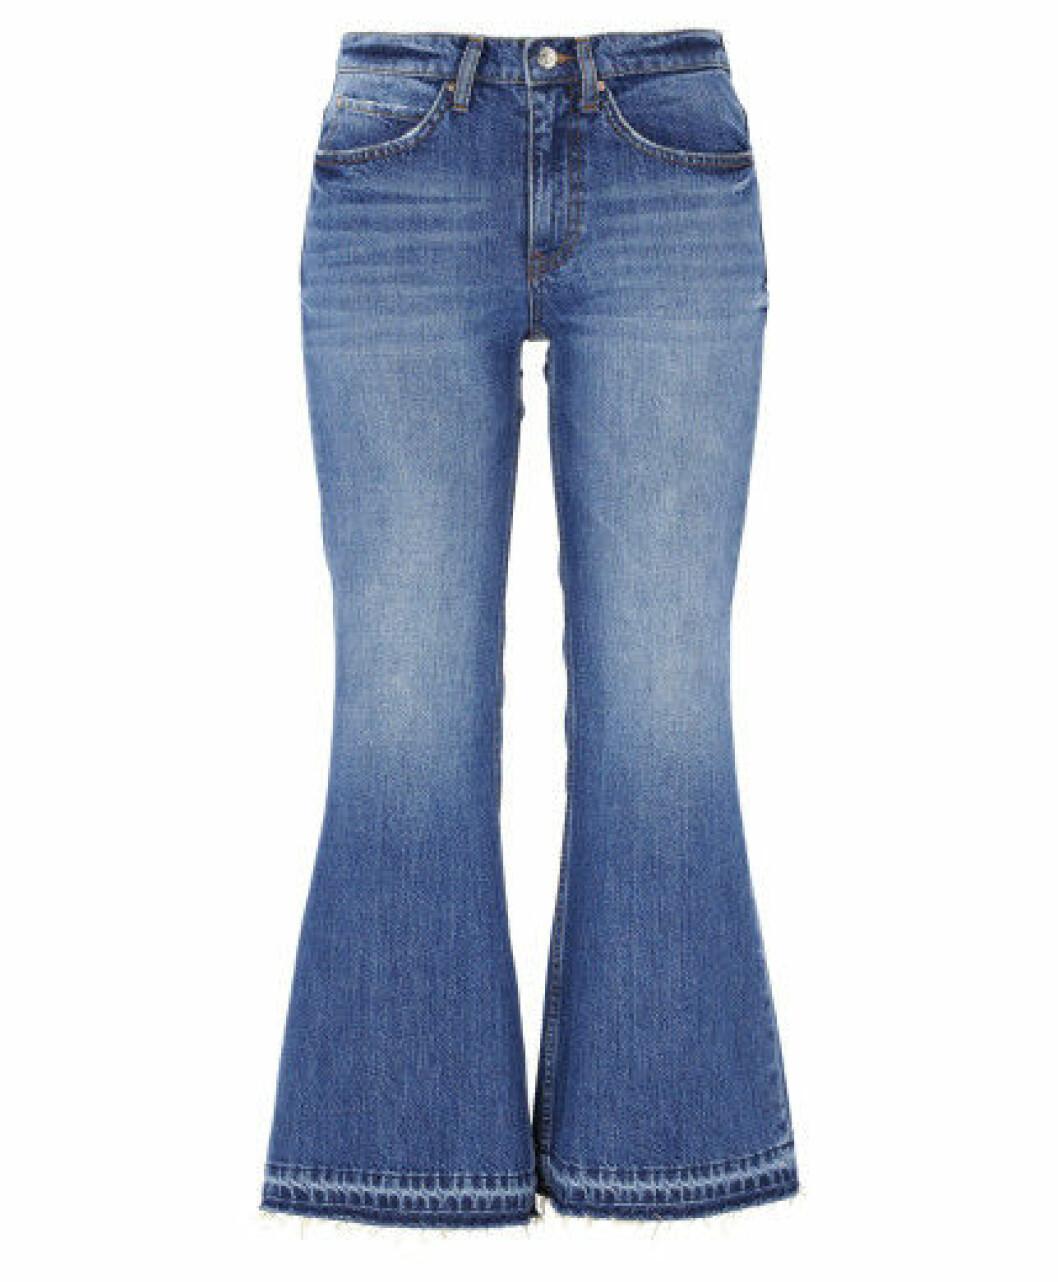 Utsvängda jeans, Gina Tricot, 599 kr